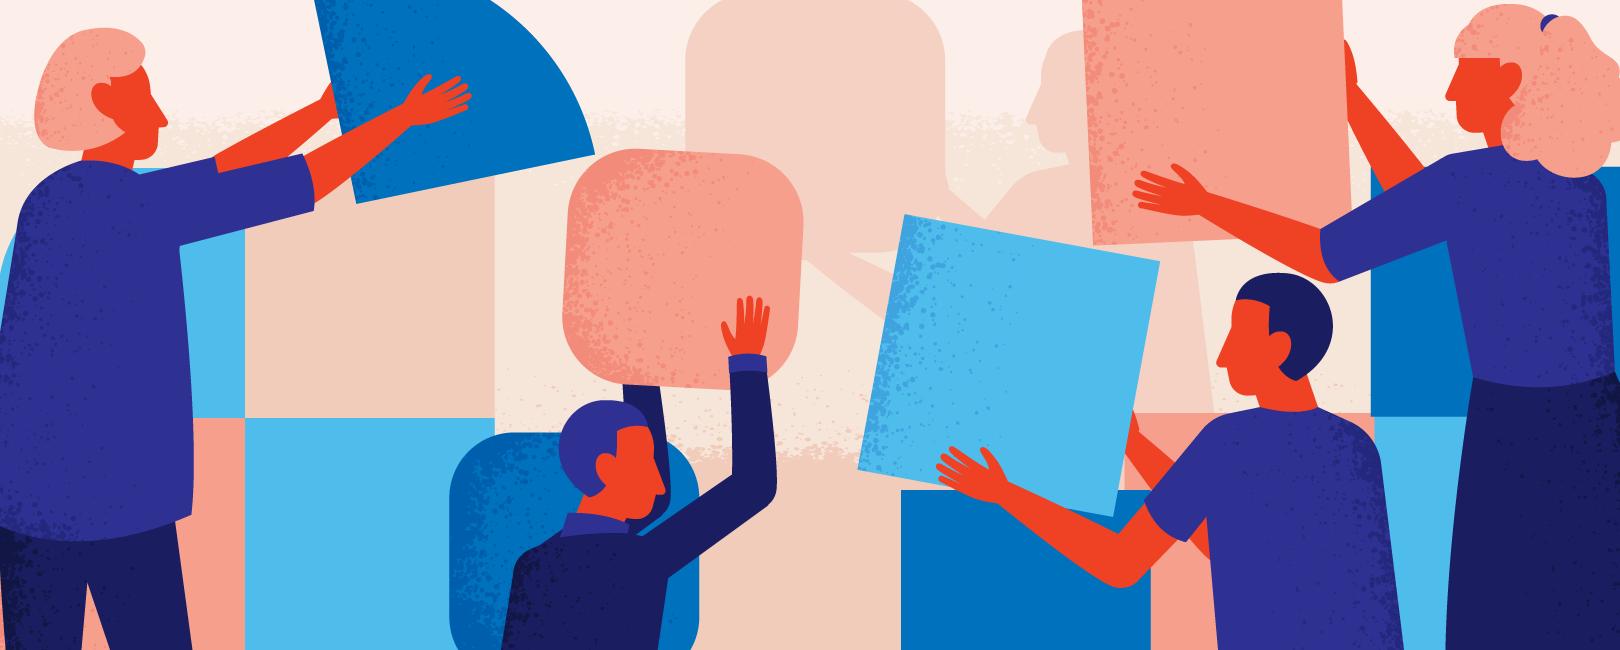 Los valores, el corazón de una organización